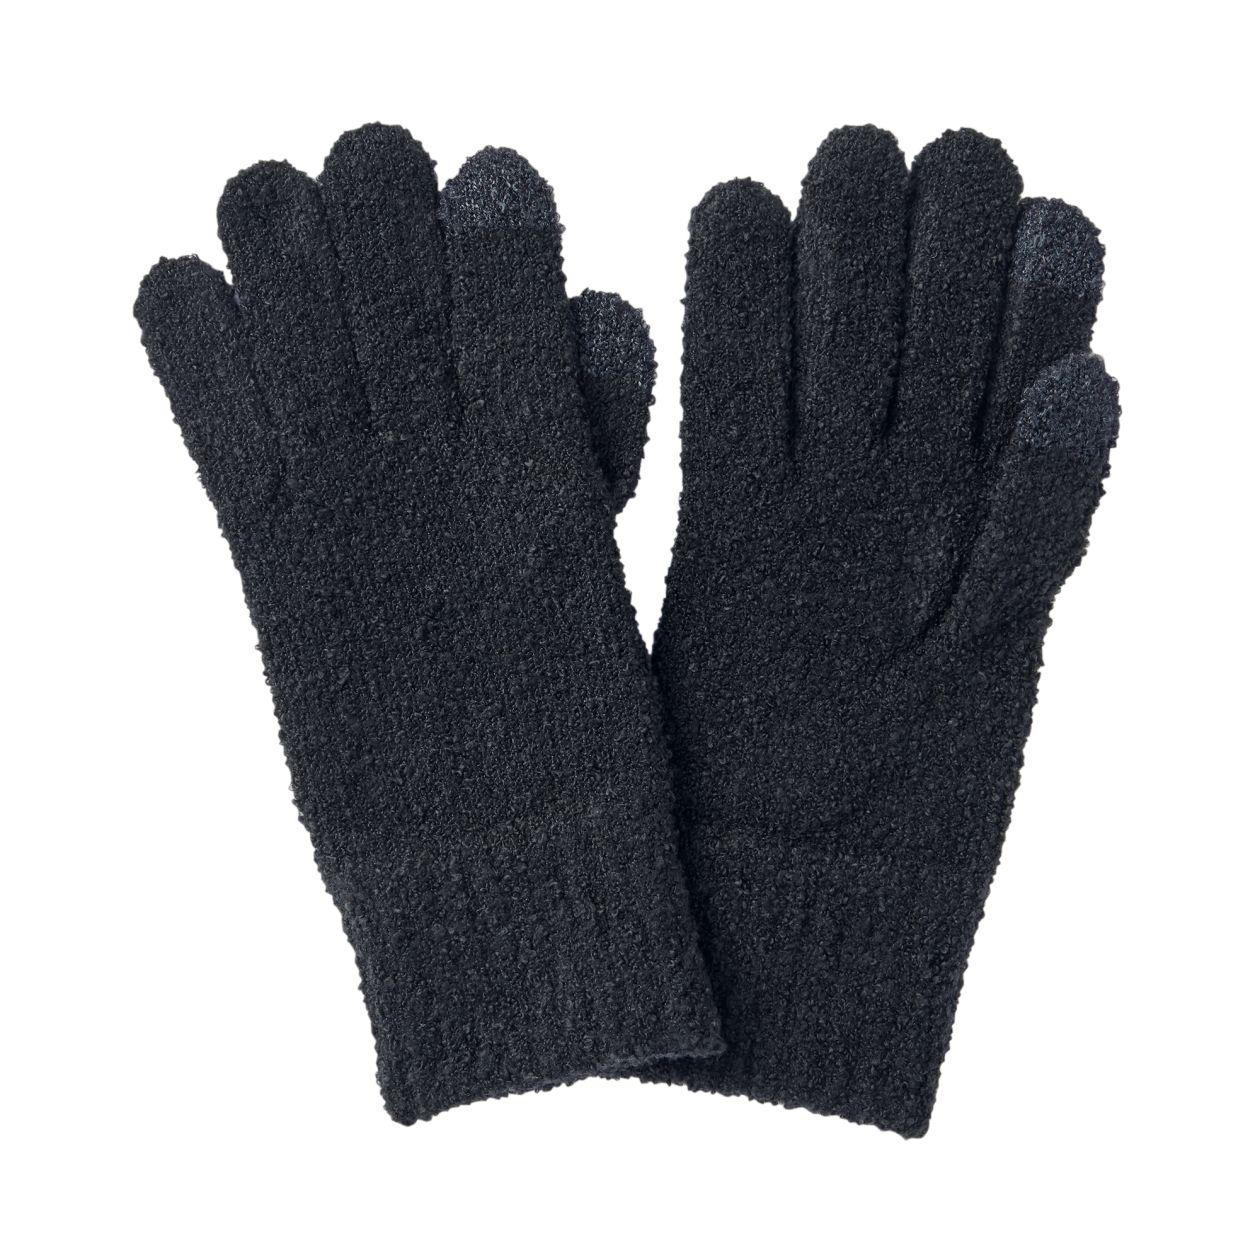 ブークレタッチパネル手袋